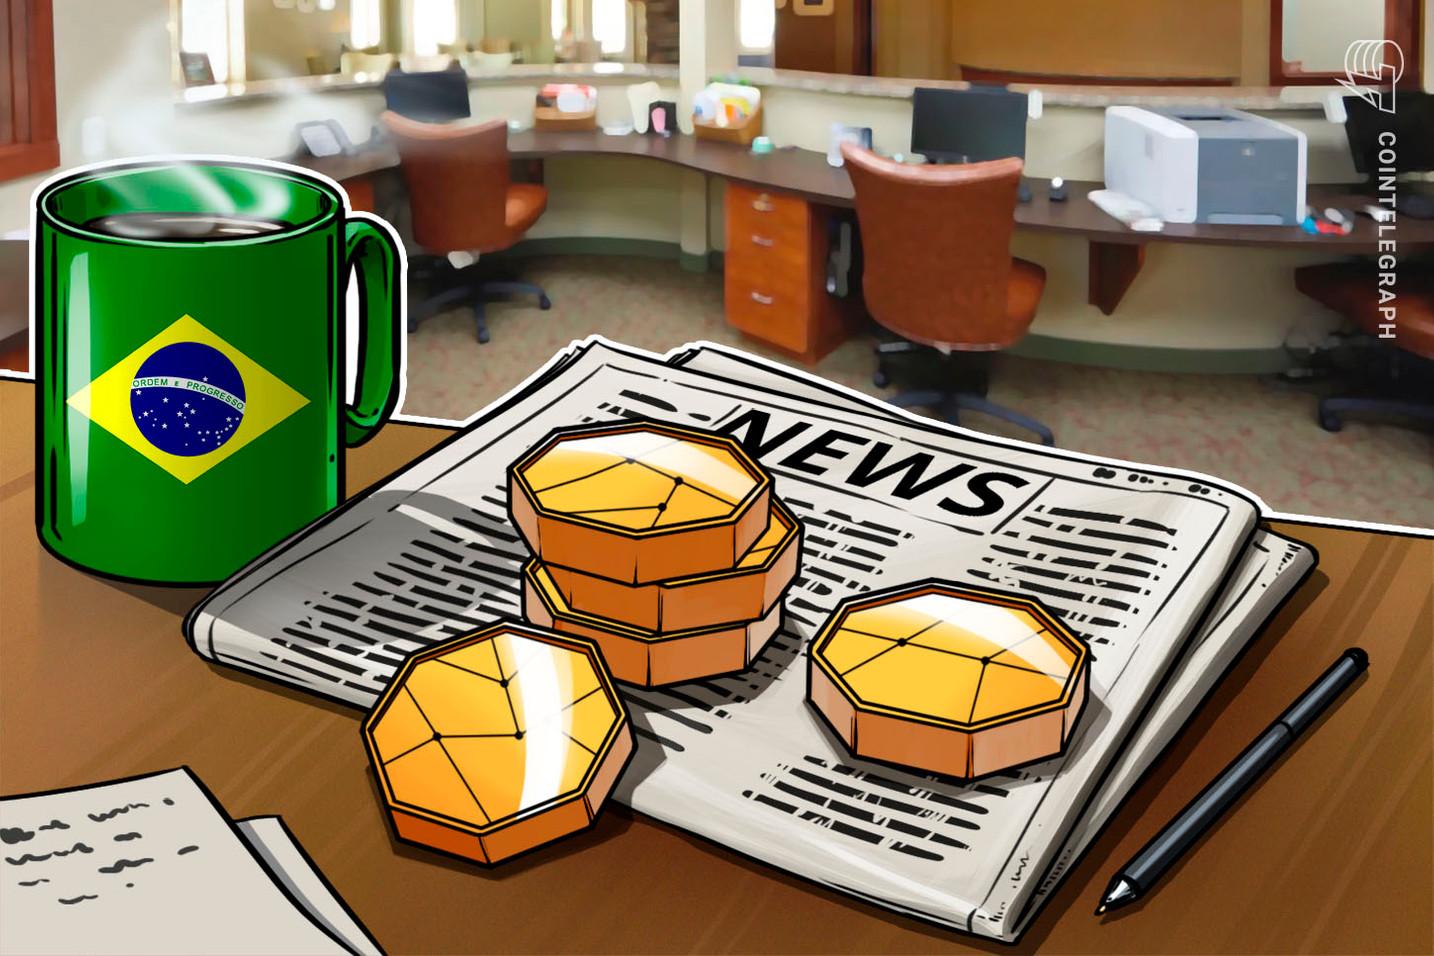 HitBTC desmente alegações da Atlas Quantum sobre conta bloqueada: 'nada em nosso sistema'